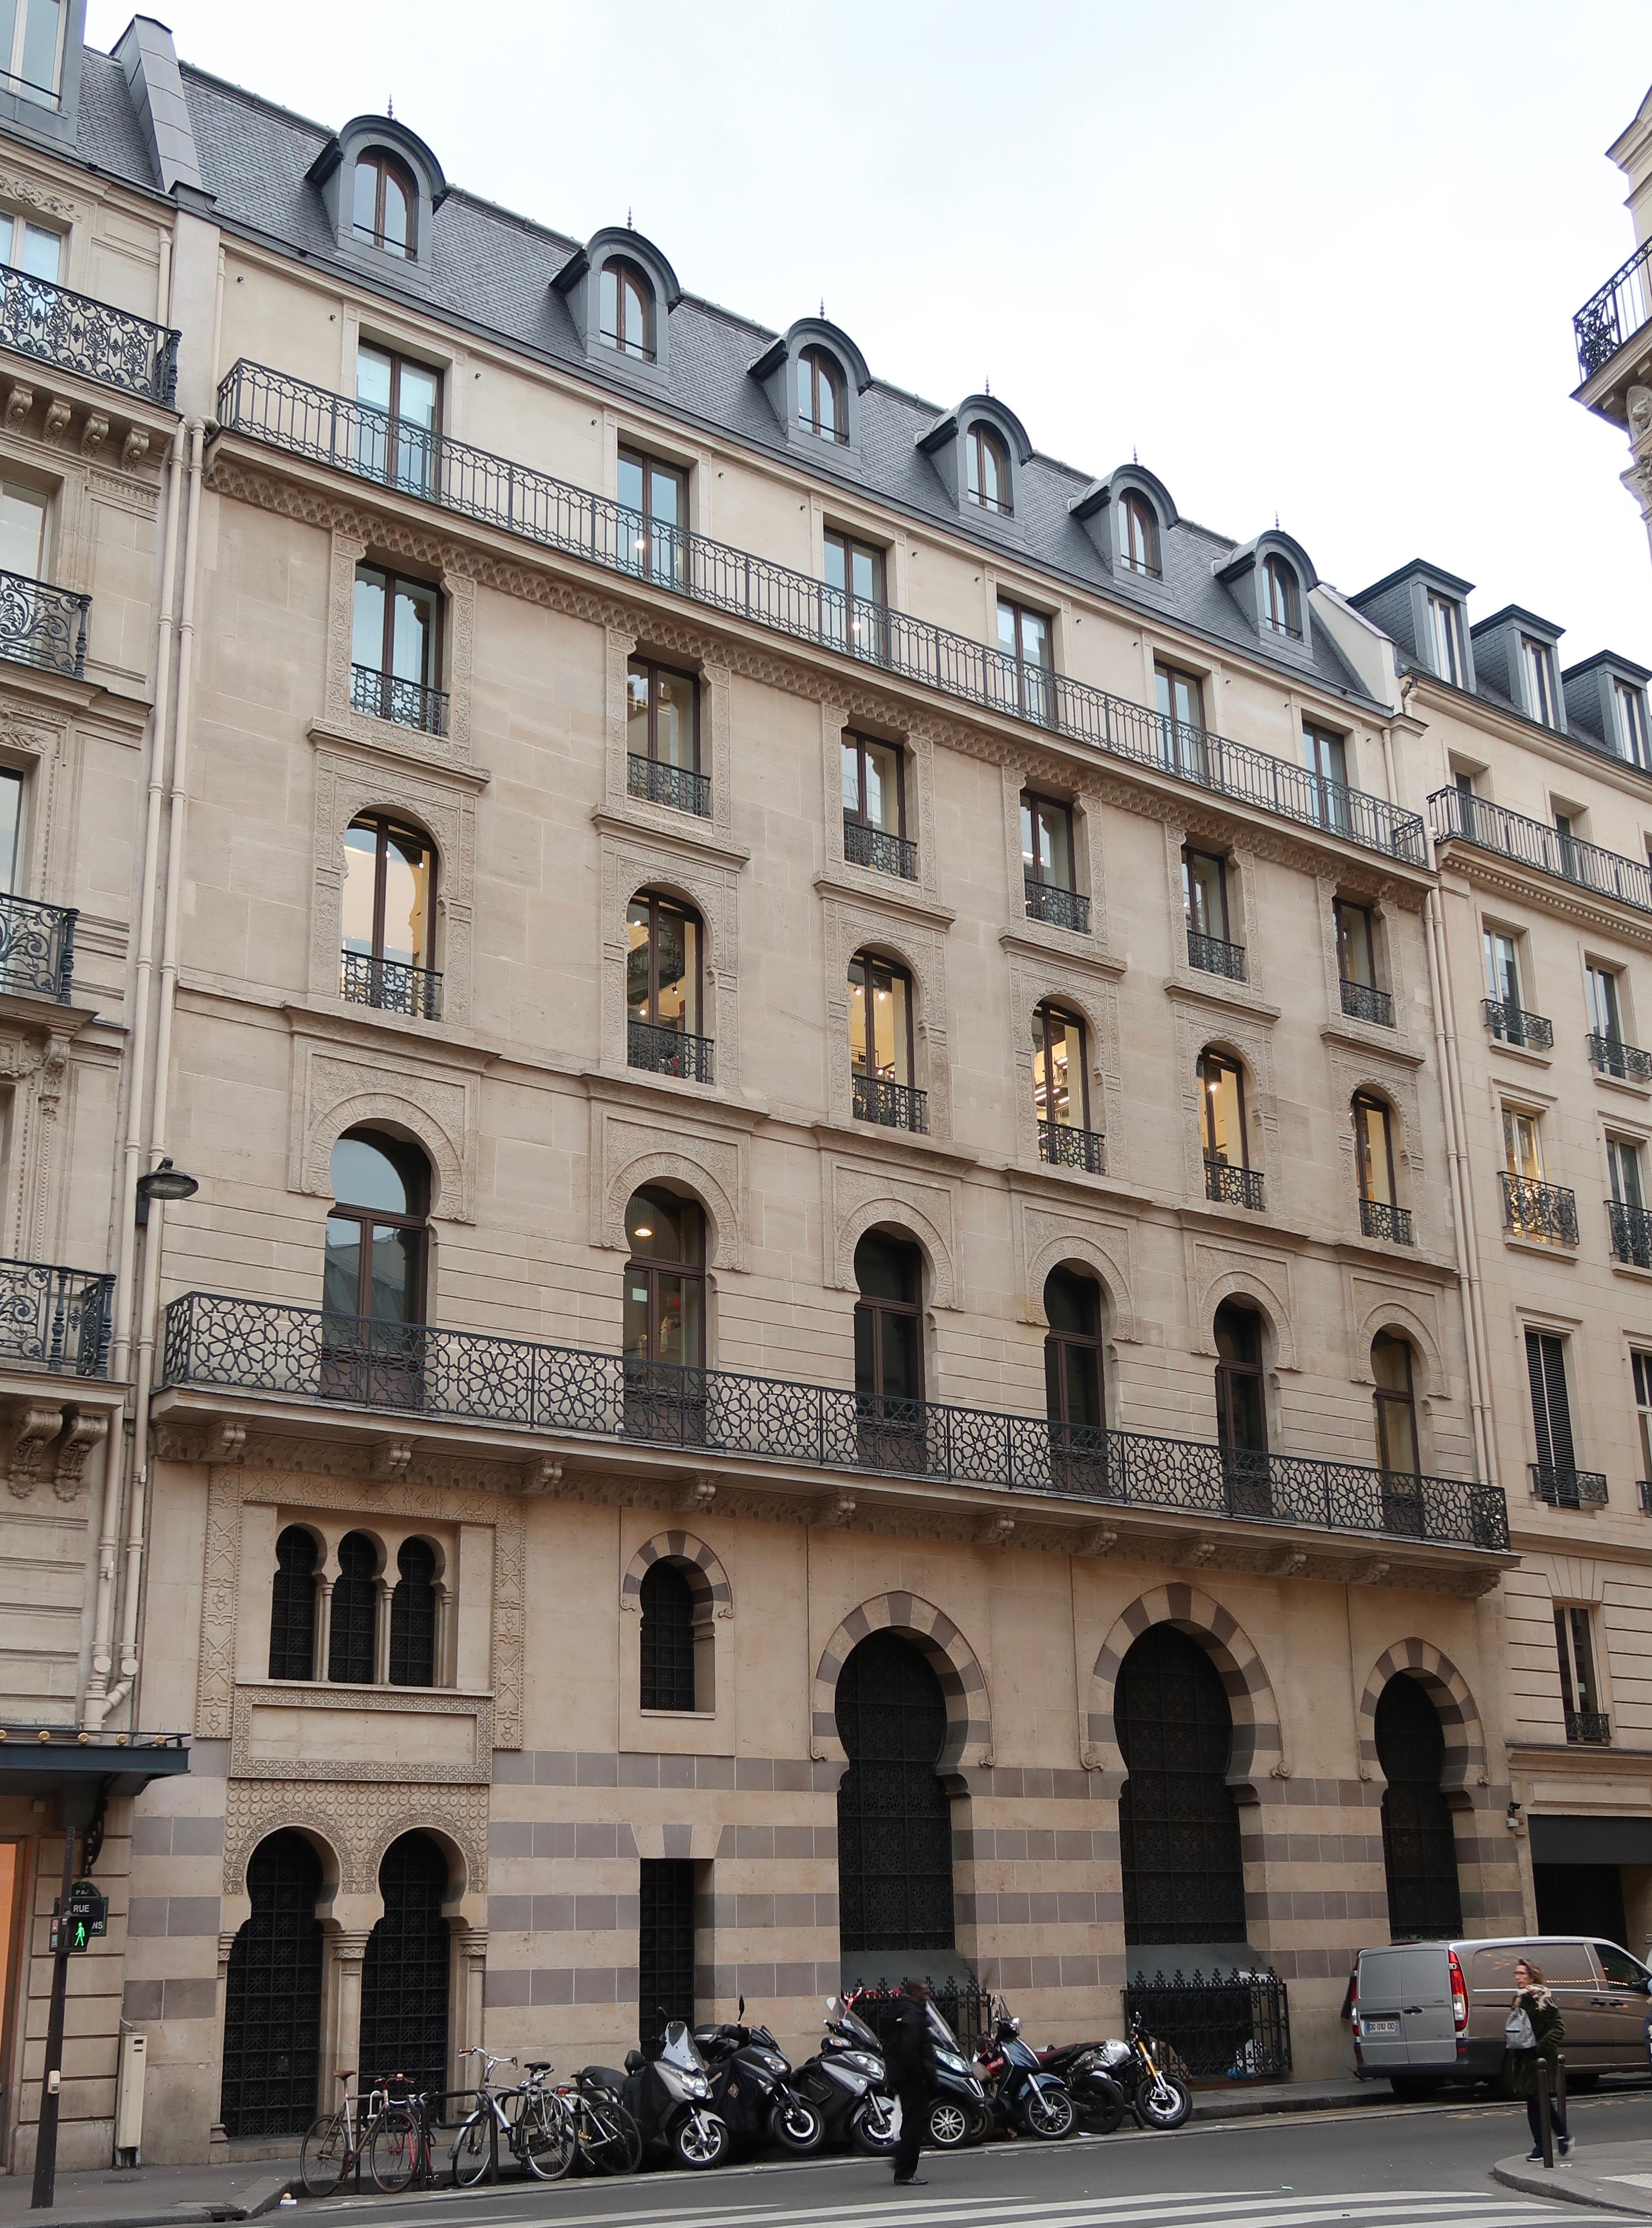 a7955d6d50 Fichier:Bains turcs, 18 rue des Mathurins, Paris 9e.jpg — Wikipédia